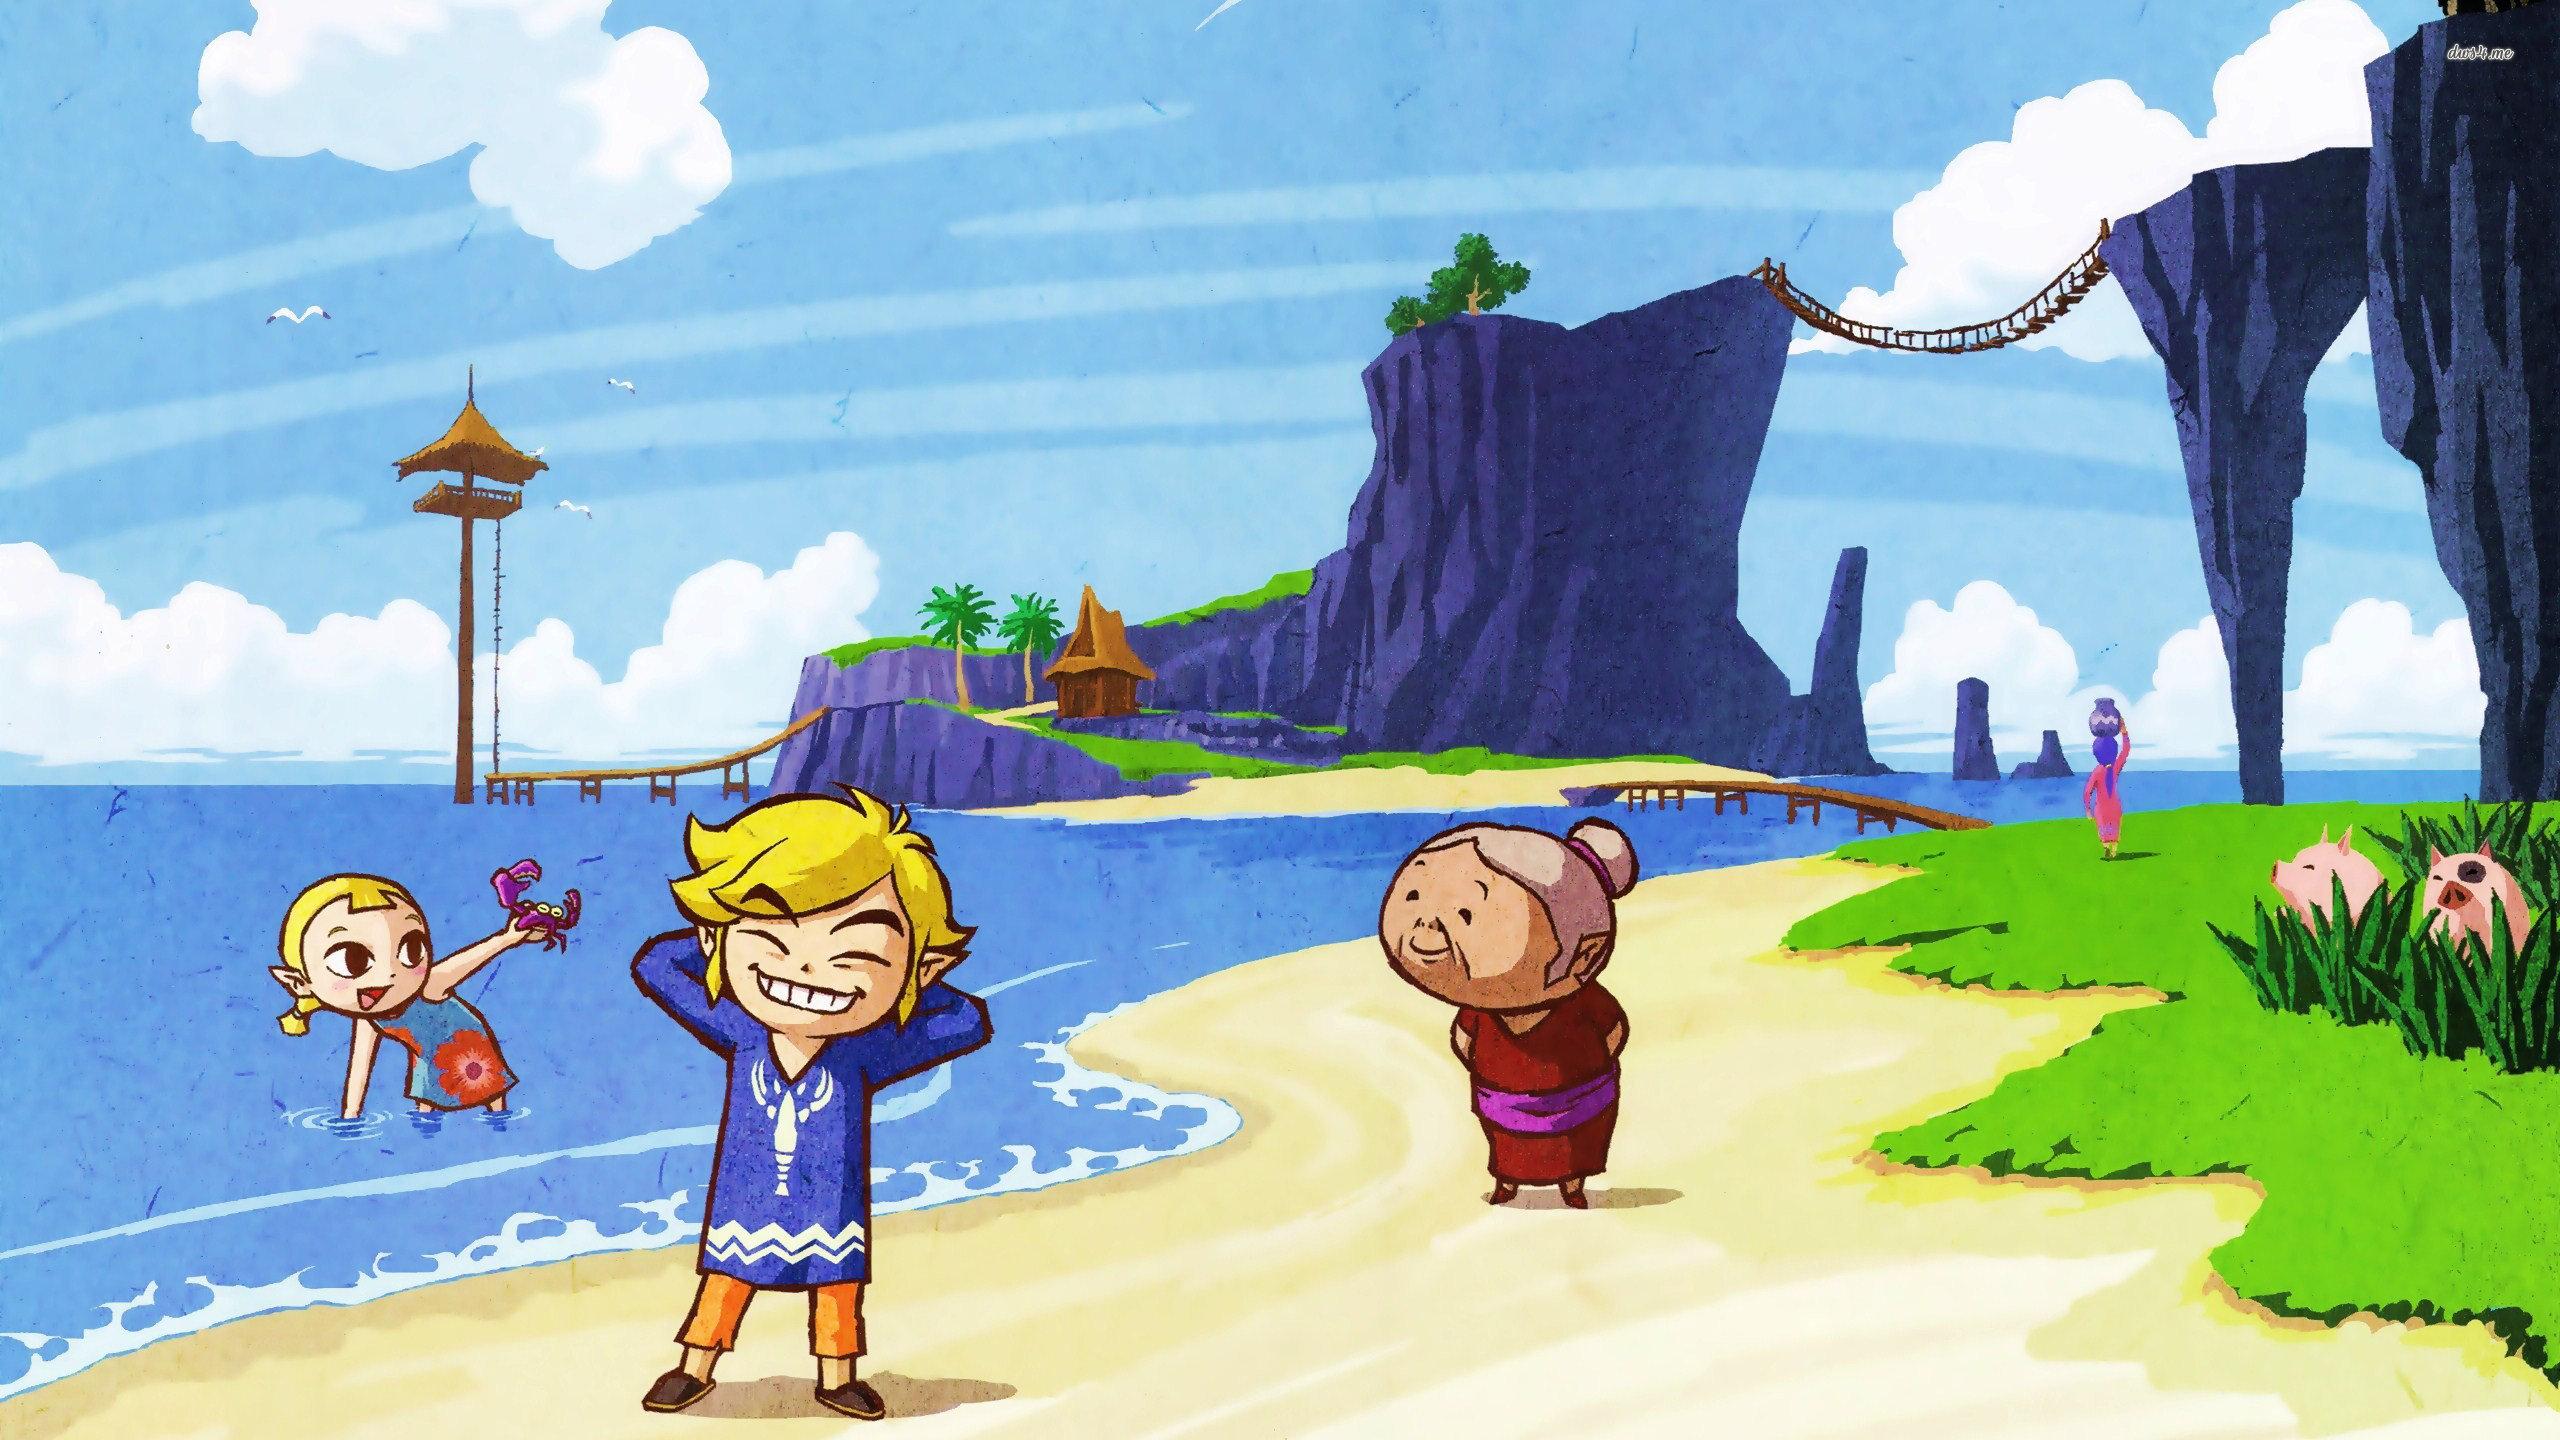 Wind Waker Hd Wallpaper: The Legend Of Zelda Wallpapers 2560x1440 Desktop Backgrounds